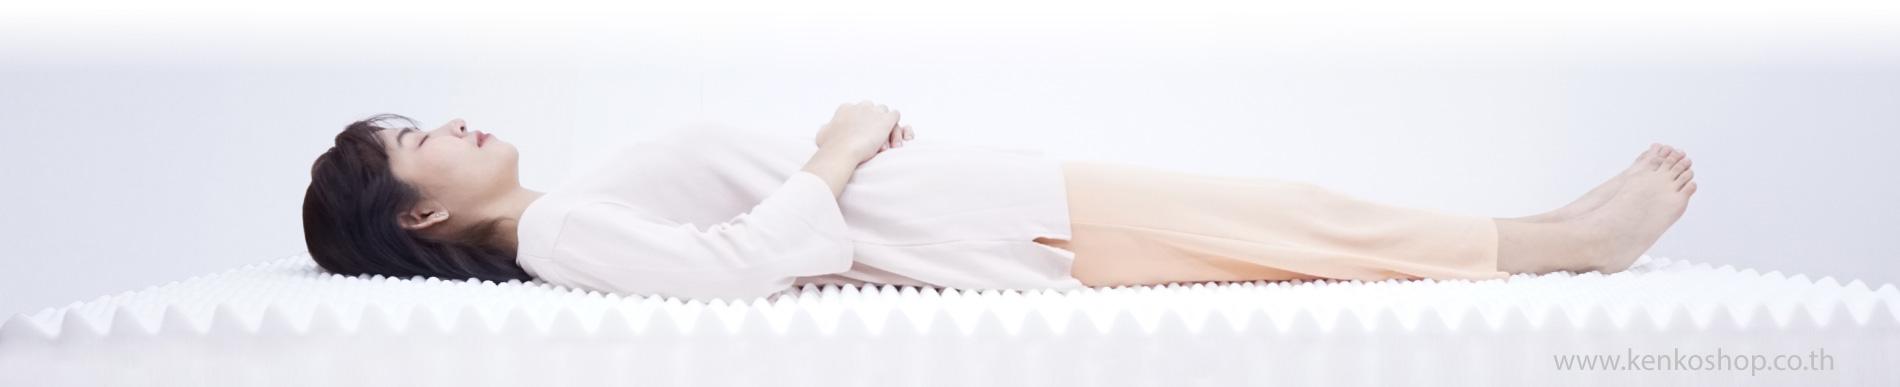 ที่นอนสุขภาพ รับน้ำหนักได้ดี นอนแล้วหลังไม่งอ